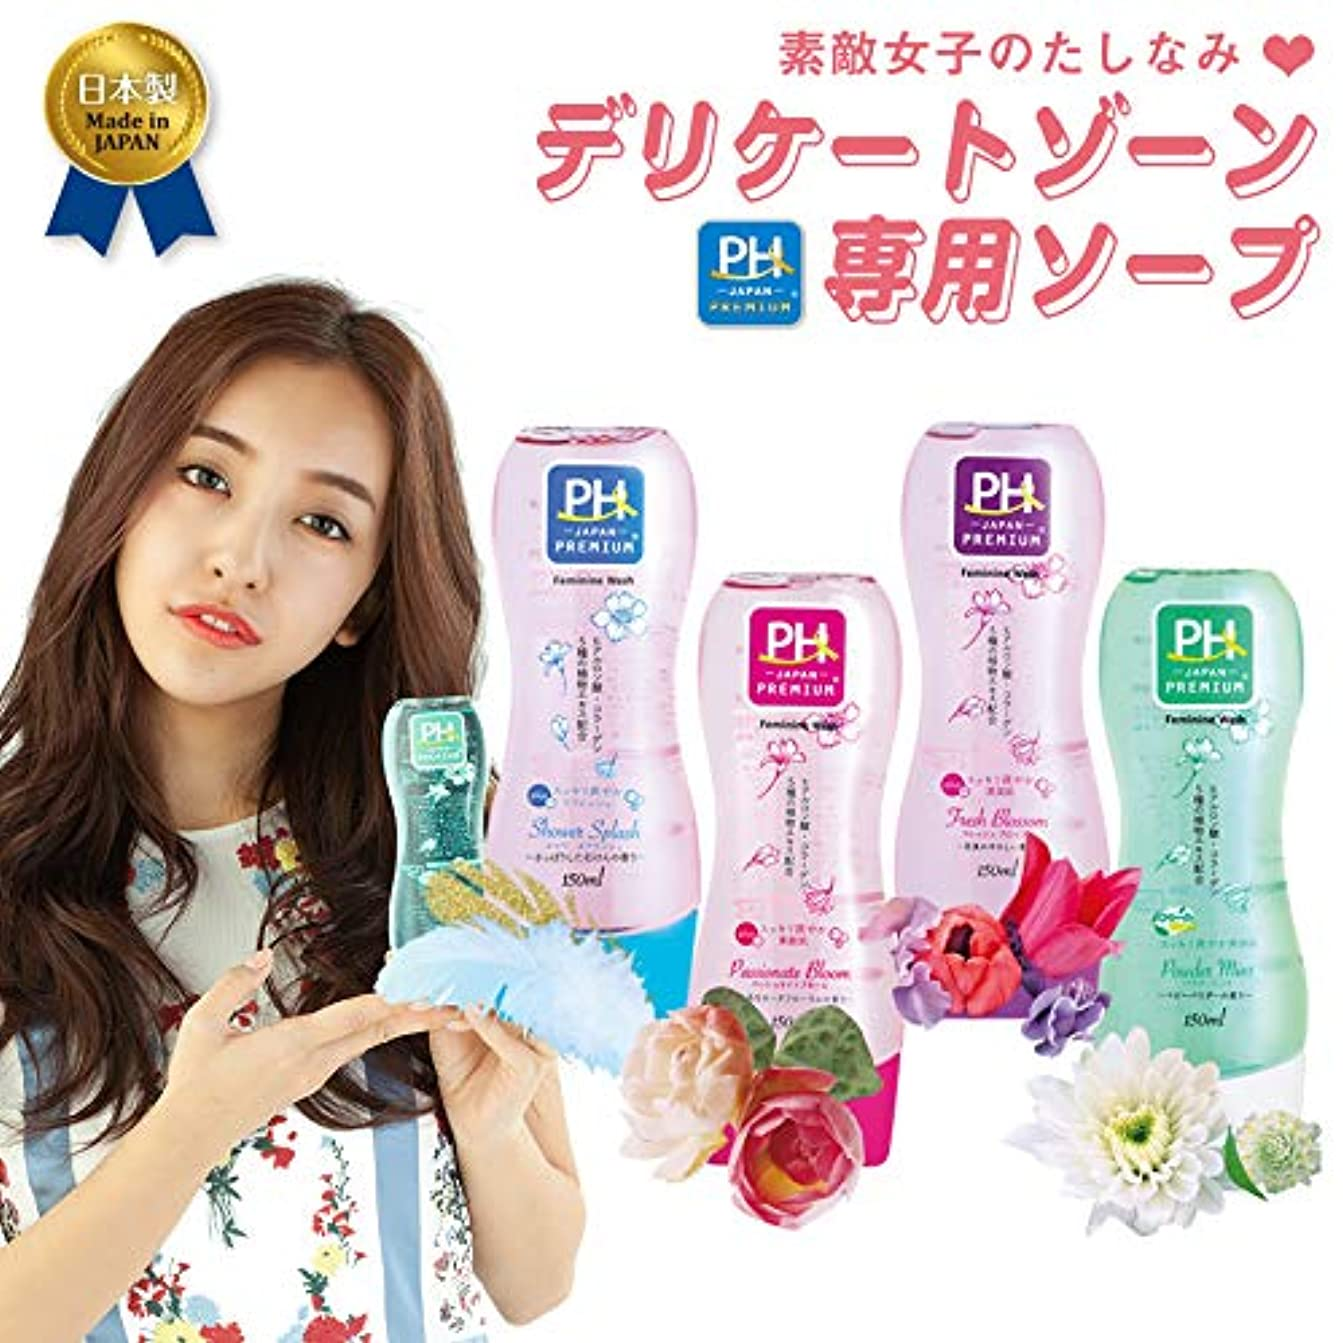 霜構成するあいまいさフレッシュブロッソム4本セット PH JAPAN フェミニンウォッシュ 花束のやさしい香り